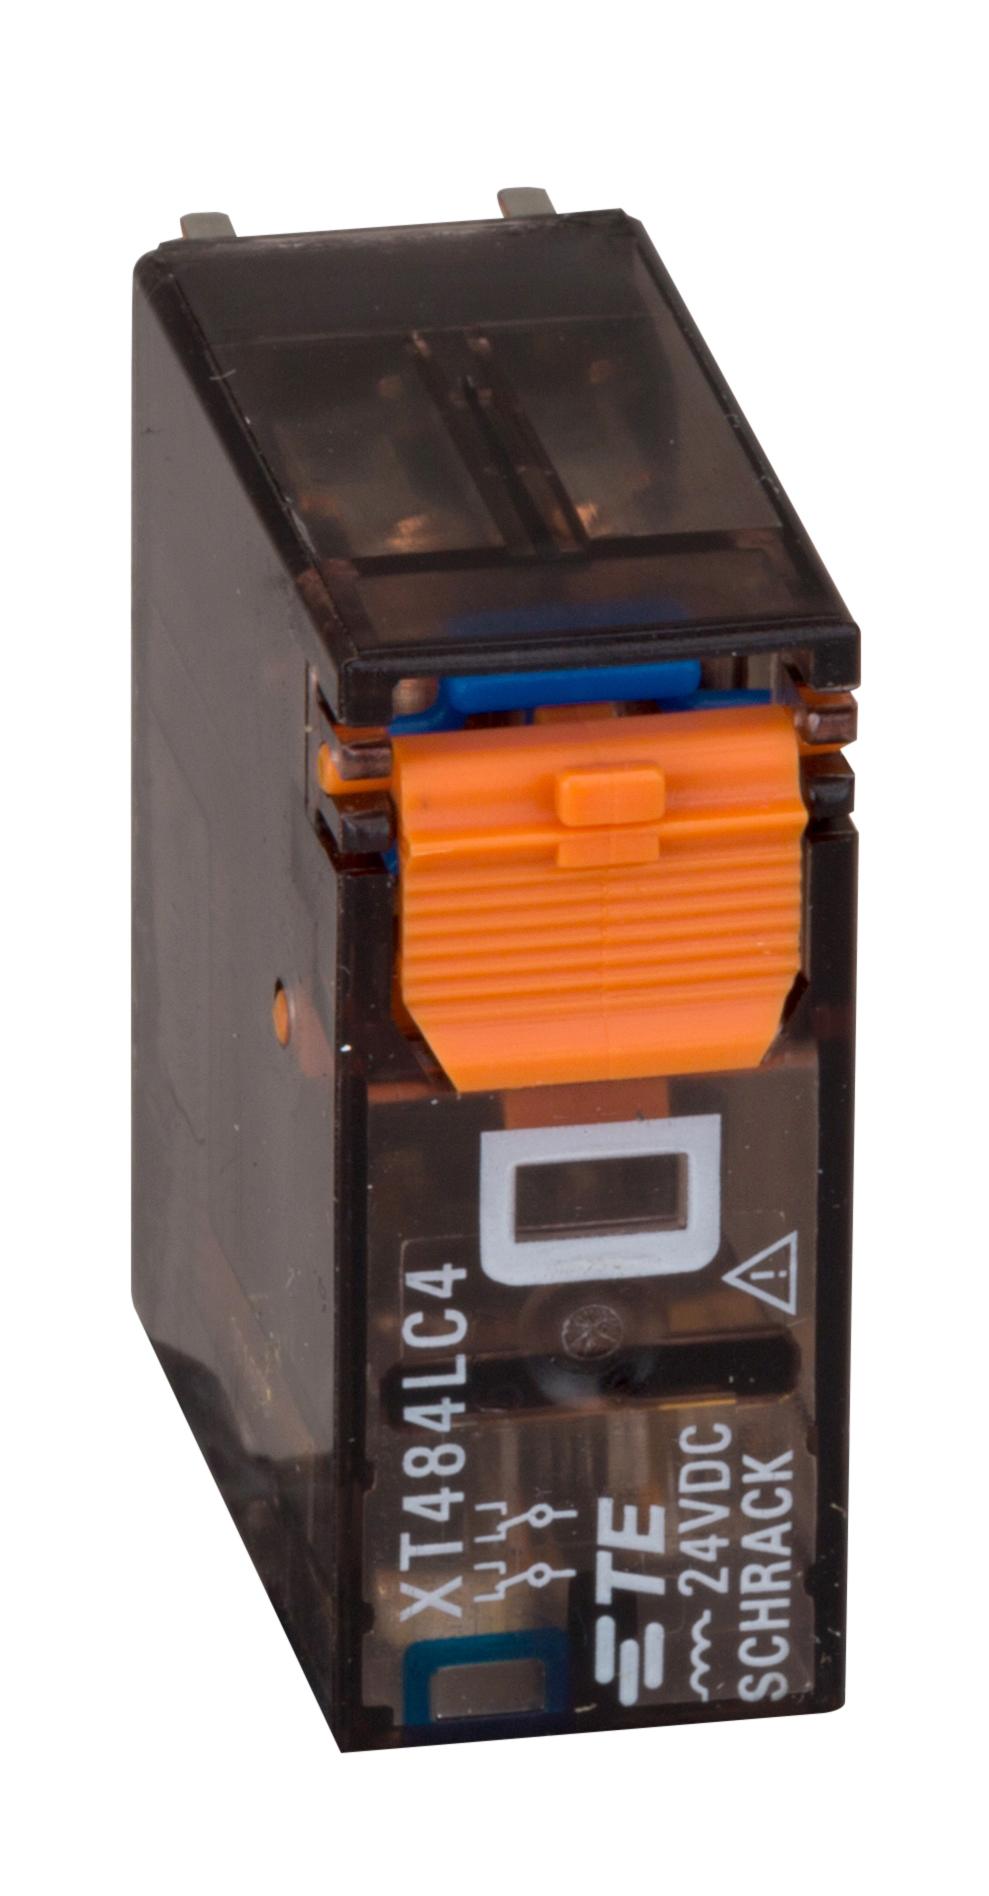 1 Stk Steckbares Interfacerelais, 2 Wechsler, 24VDC, 8A, 5mm XT484LC4--